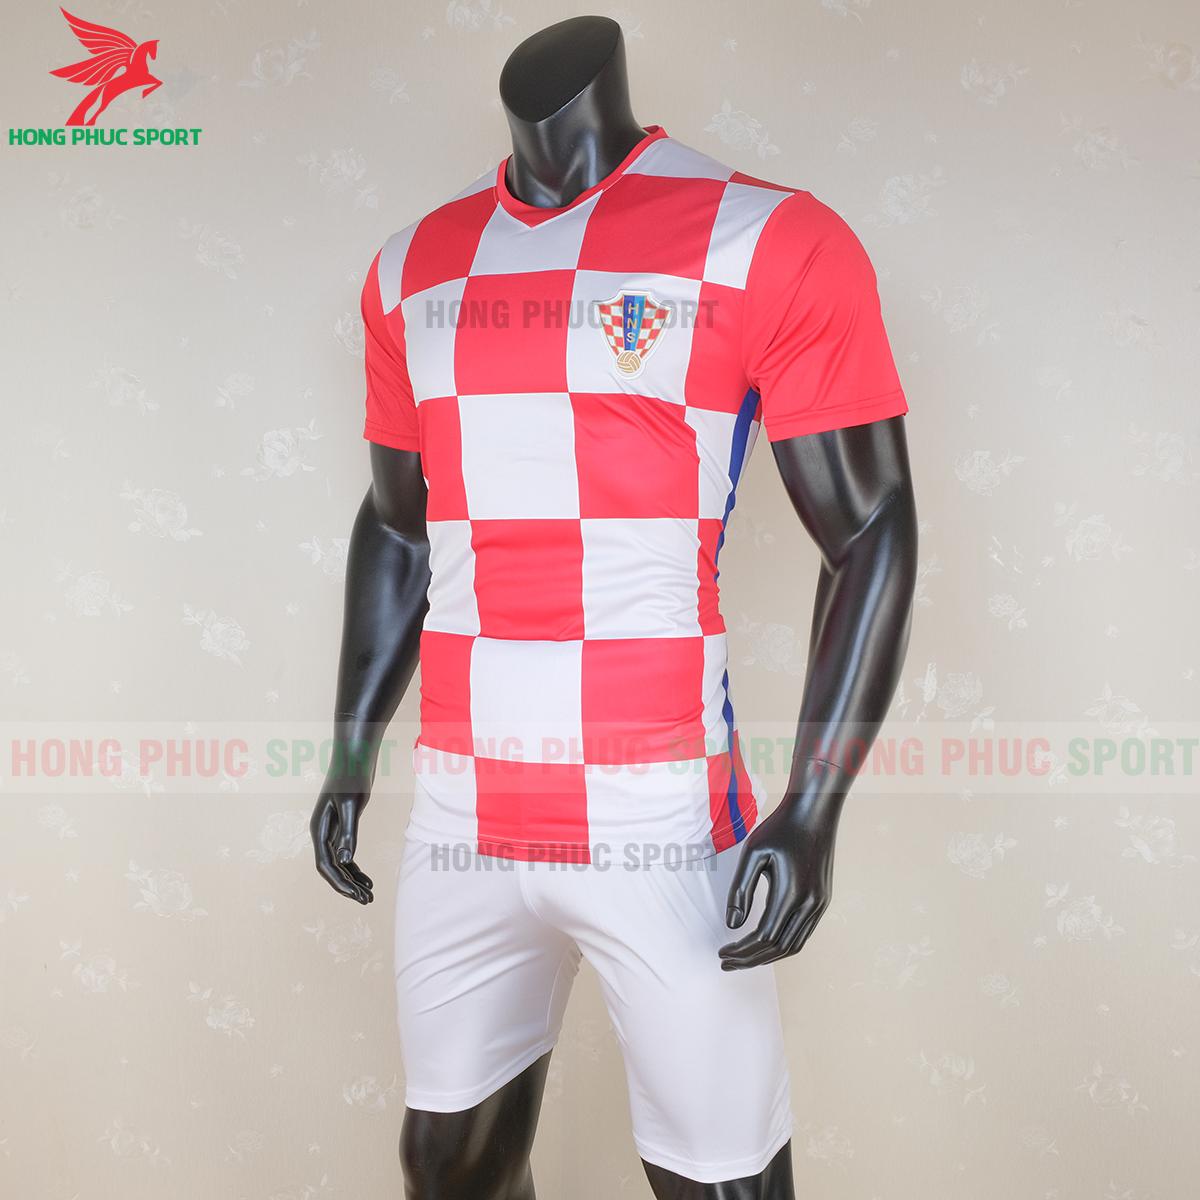 Áo đấu tuyển Croatia 2020 sân nhà 1 (trái)